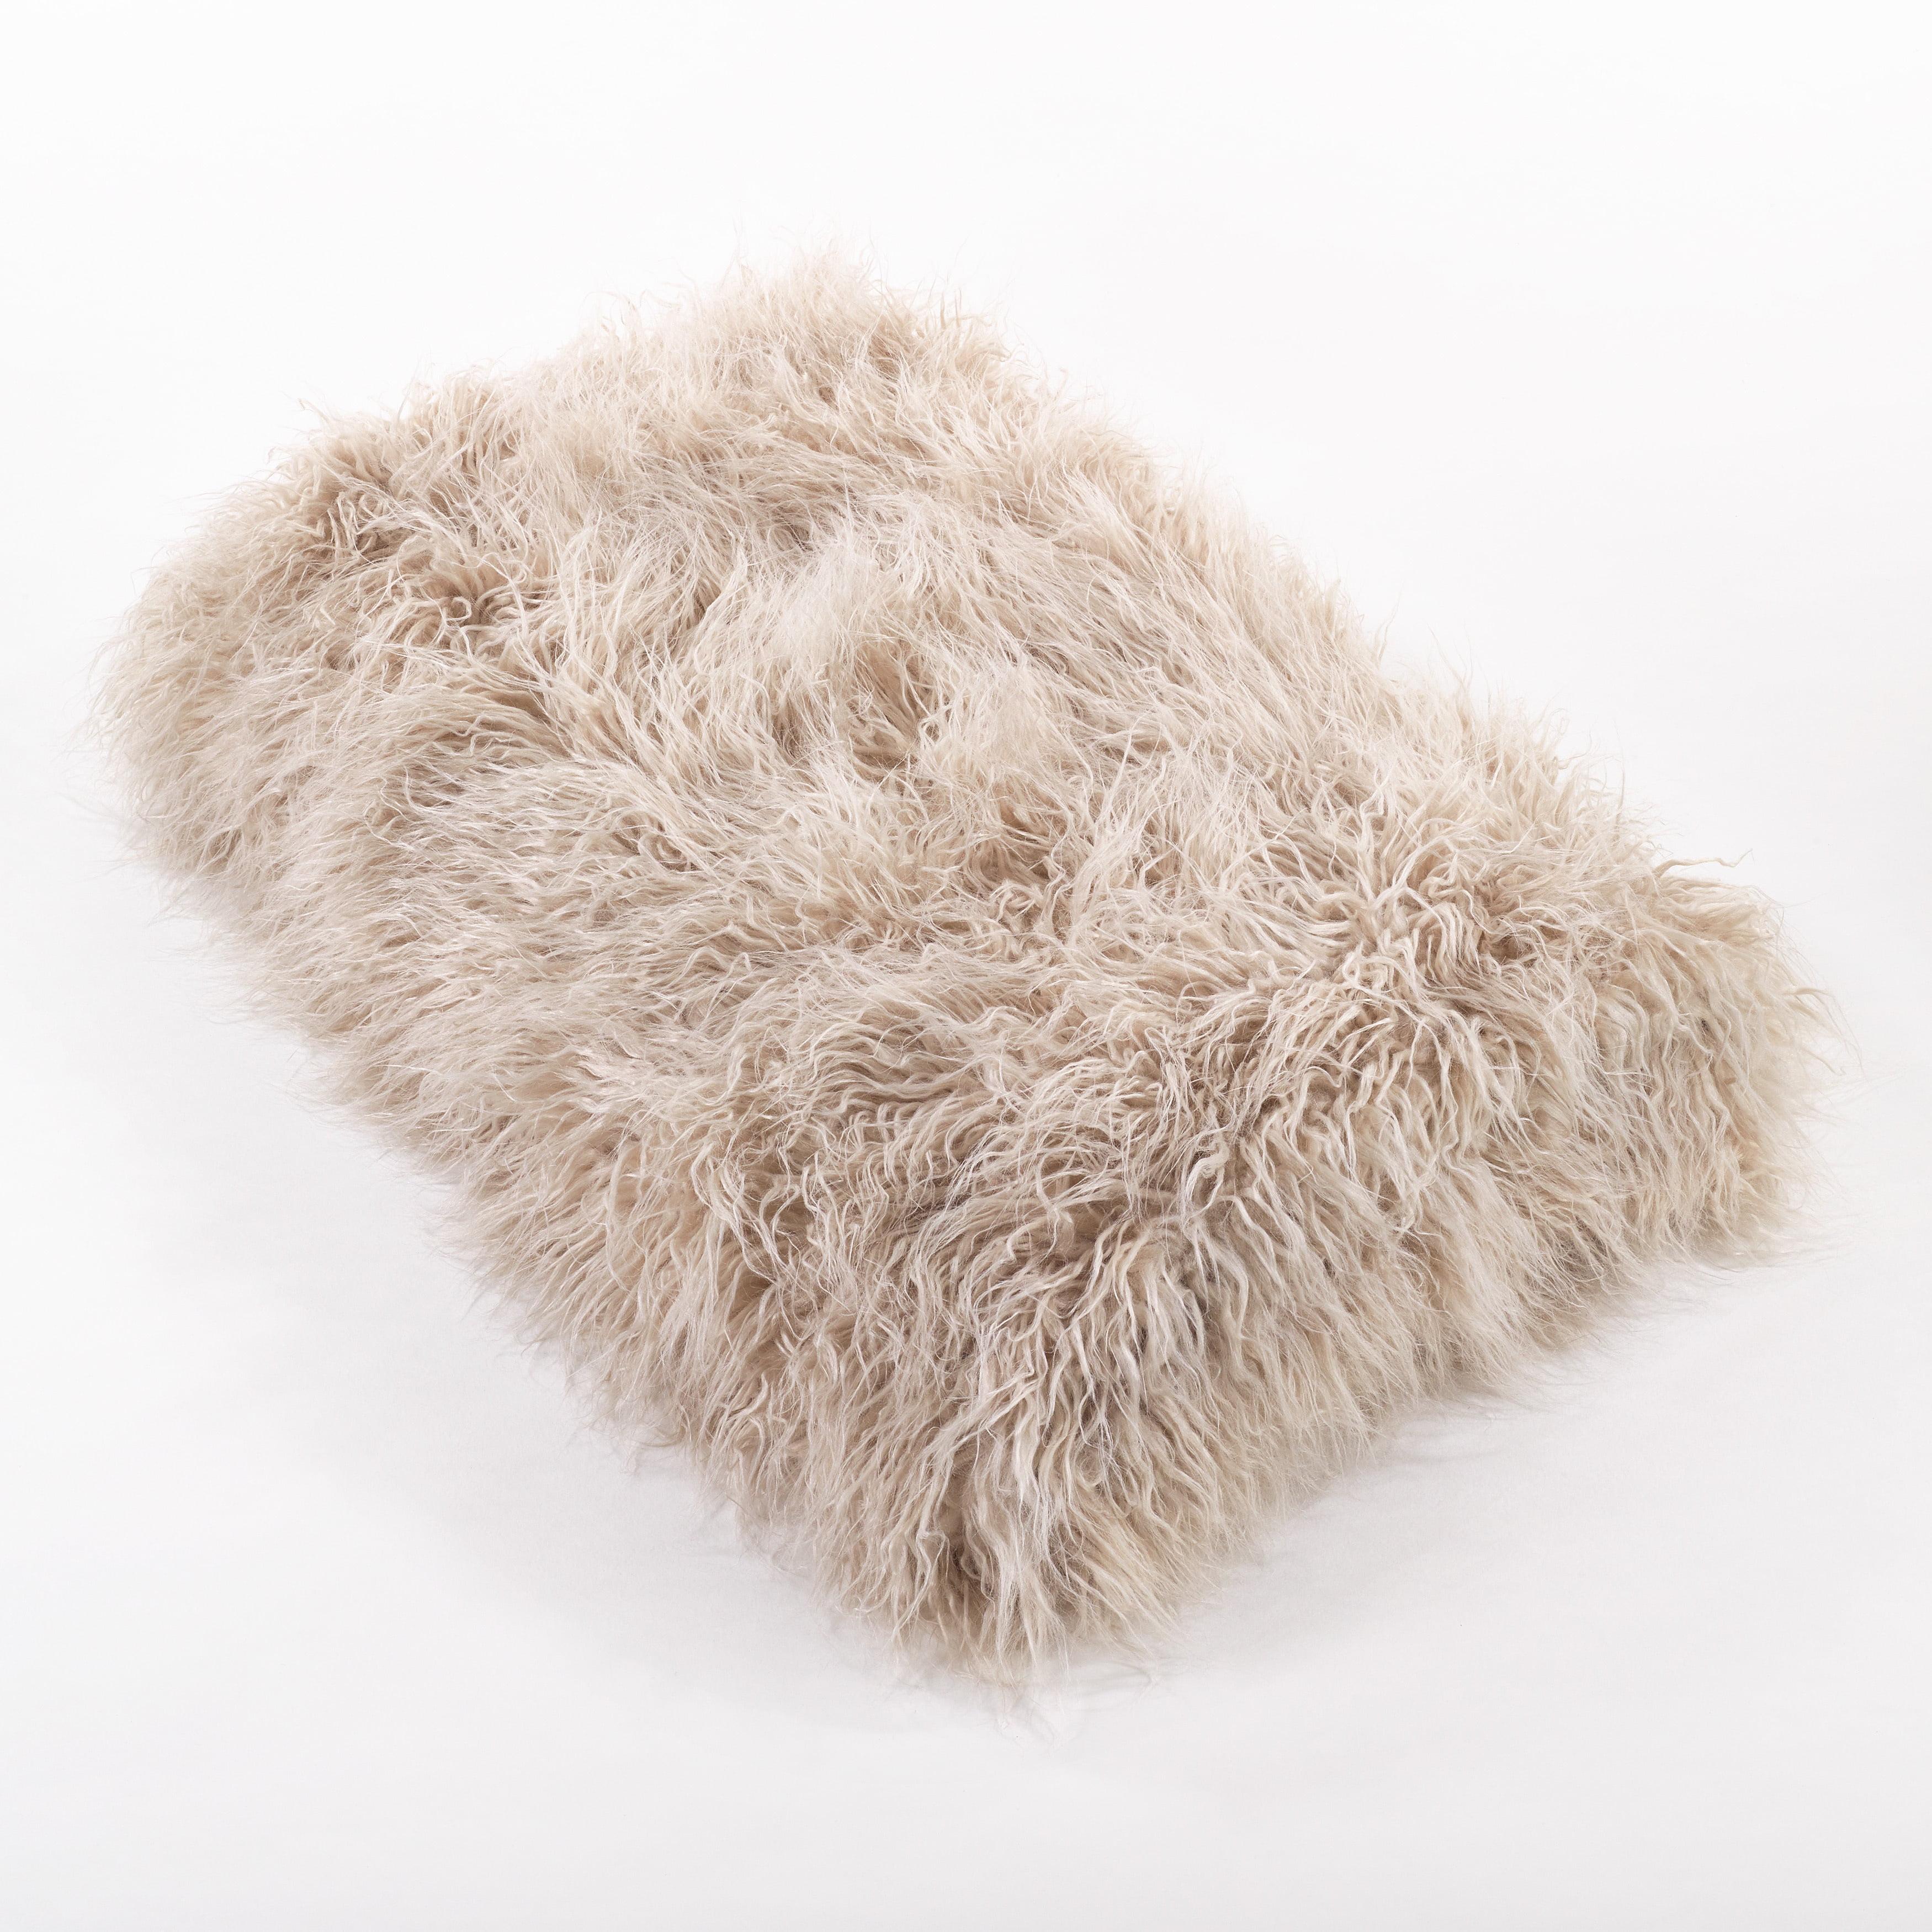 Saro Throw Blanket With Faux Mongolian Fur Design